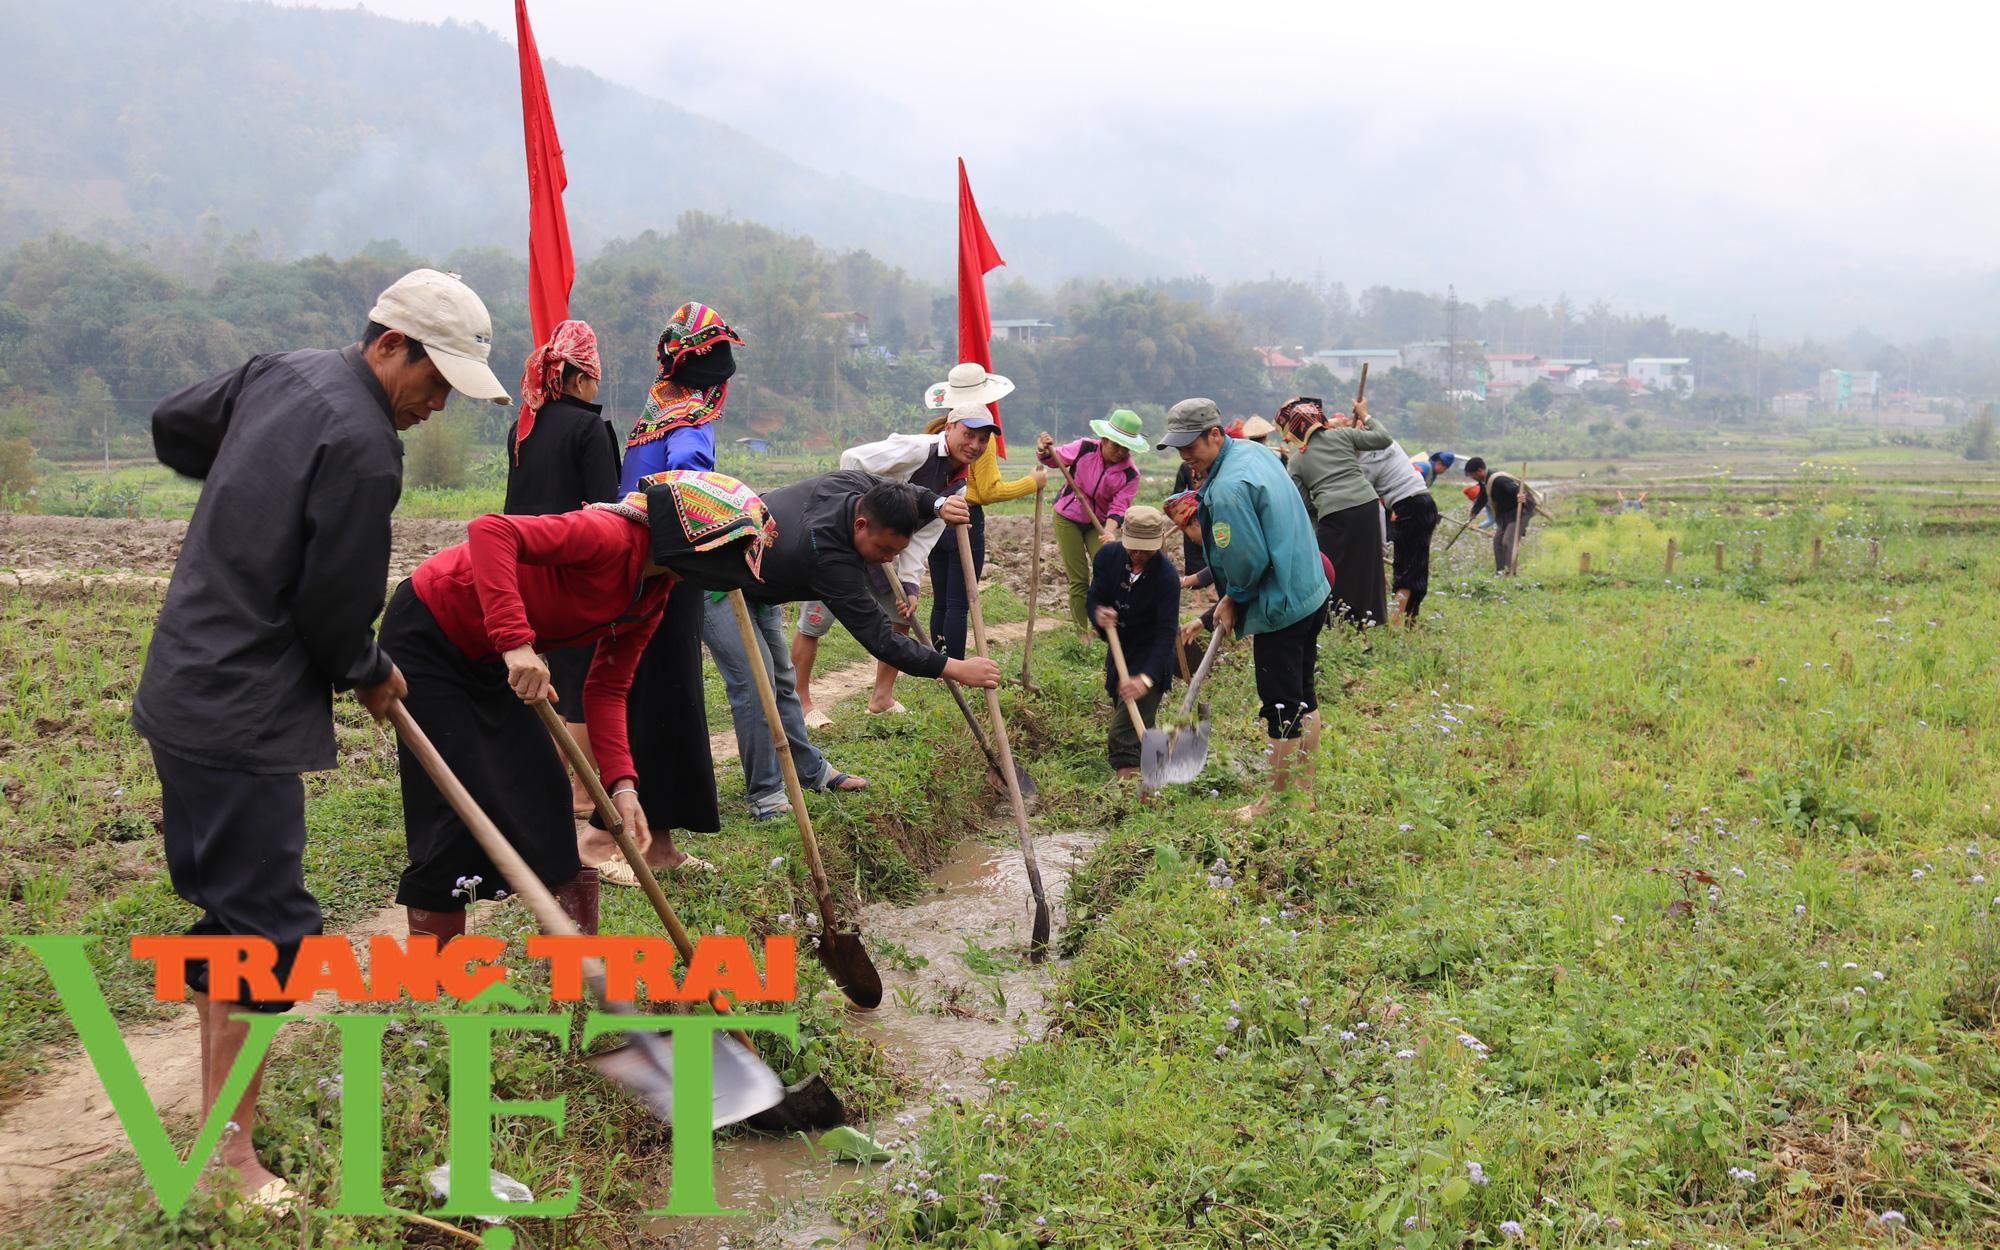 Hội Nông dân Sơn La hiến đất, góp sức xây dựng nông thôn mới - Ảnh 2.